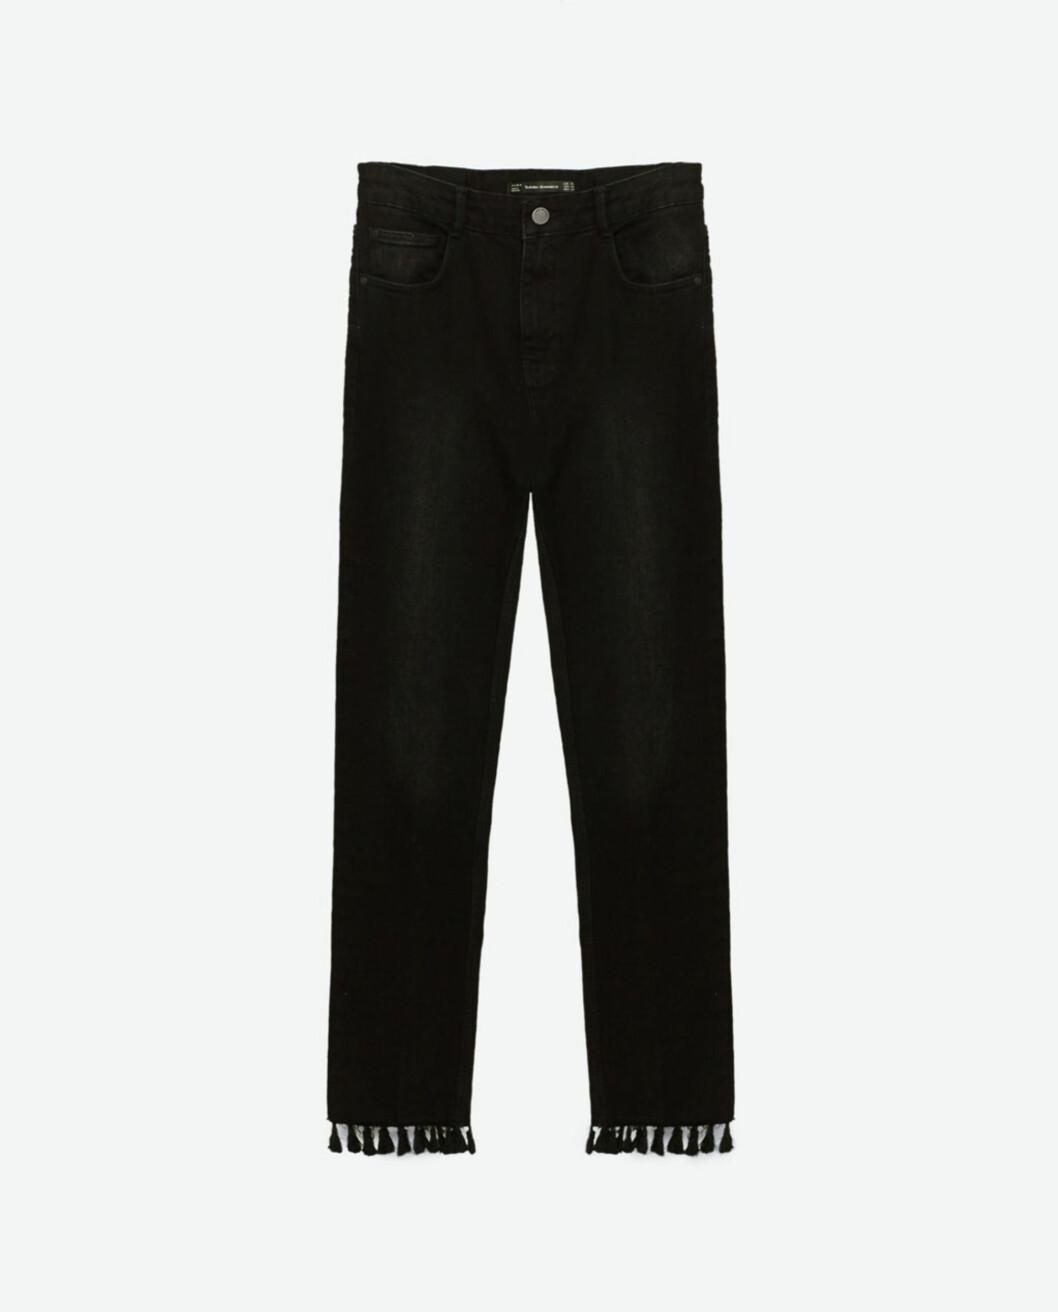 Bukse fra Zara, kr 349.